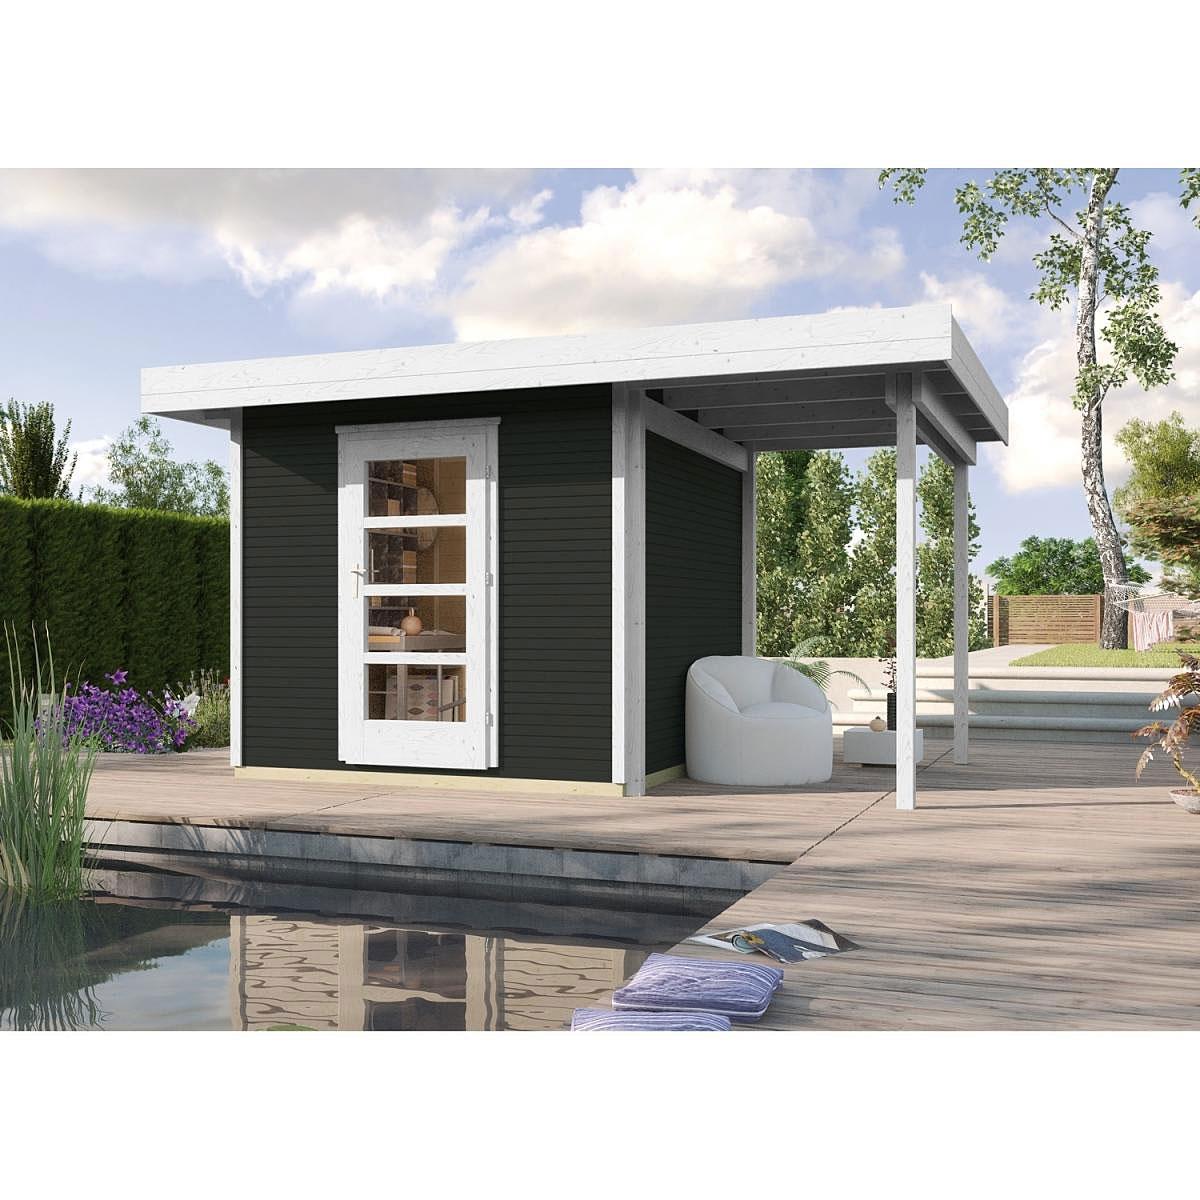 Weka Holz-Gartenhaus wekaLine Anthrazit 210 cm x 205 cm mit Anbau 150 cm